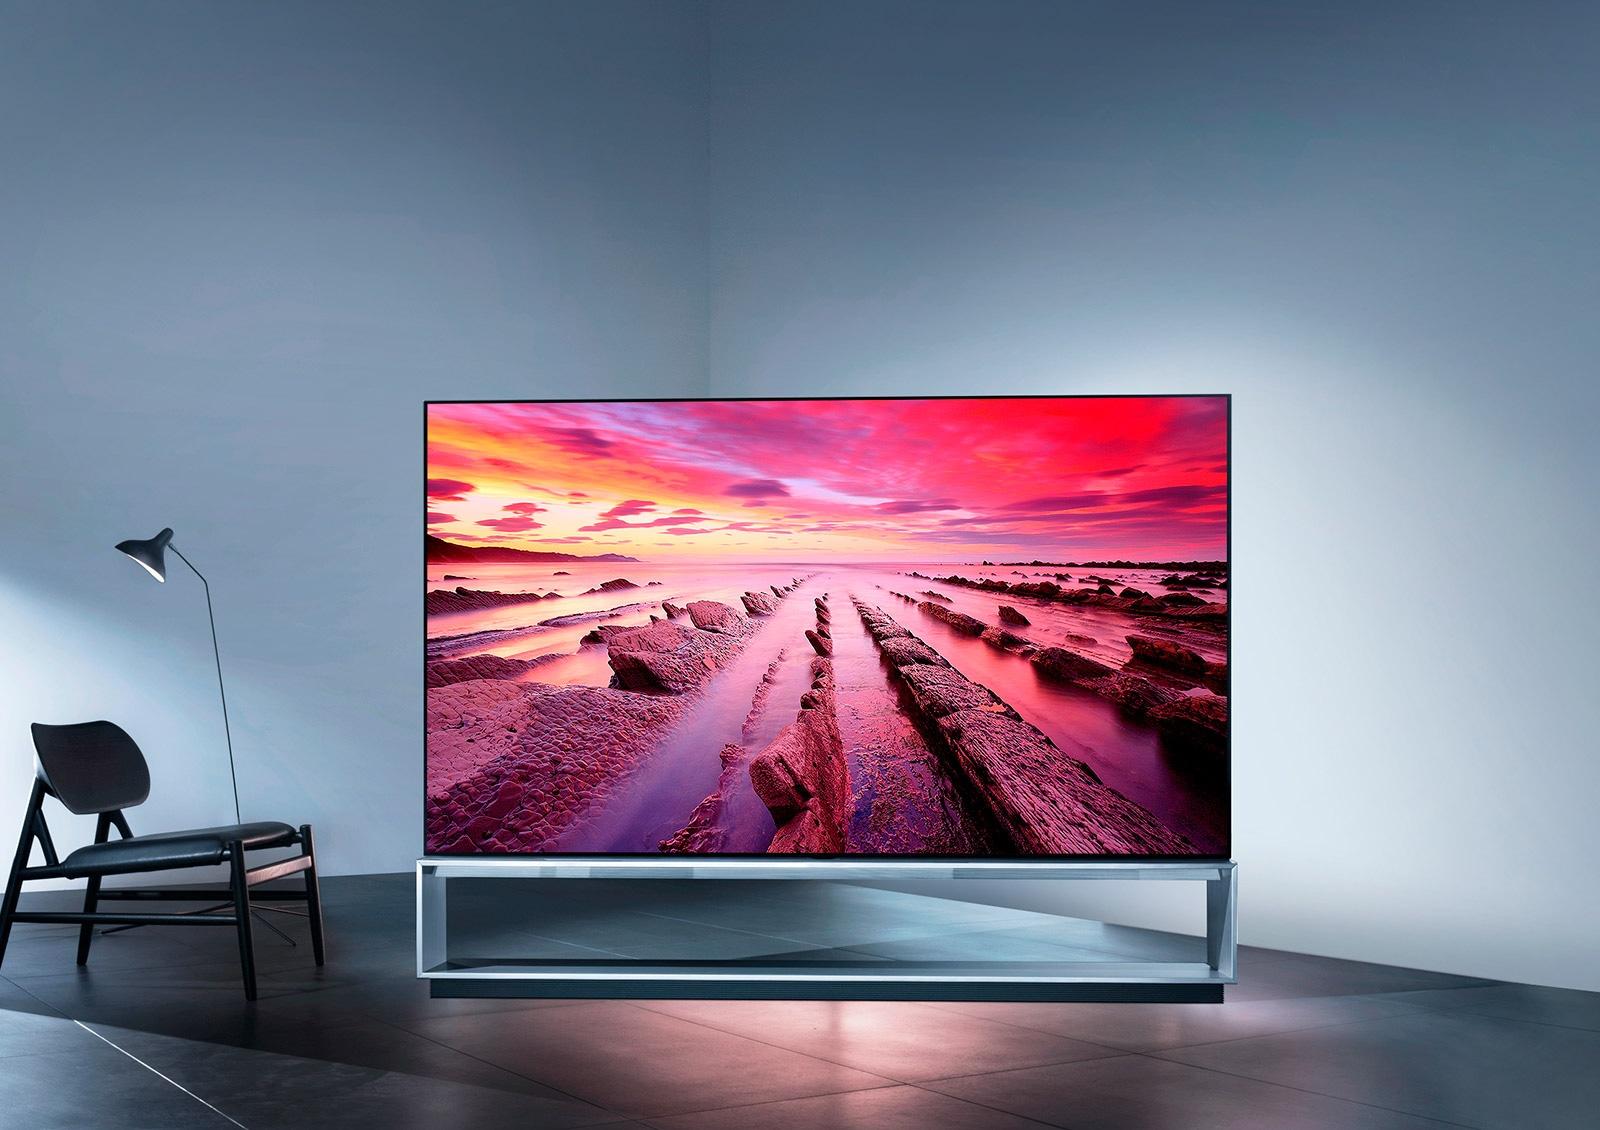 88-дюймовый OLED-телевизор - это инновация 8K в самом большом масштабе1